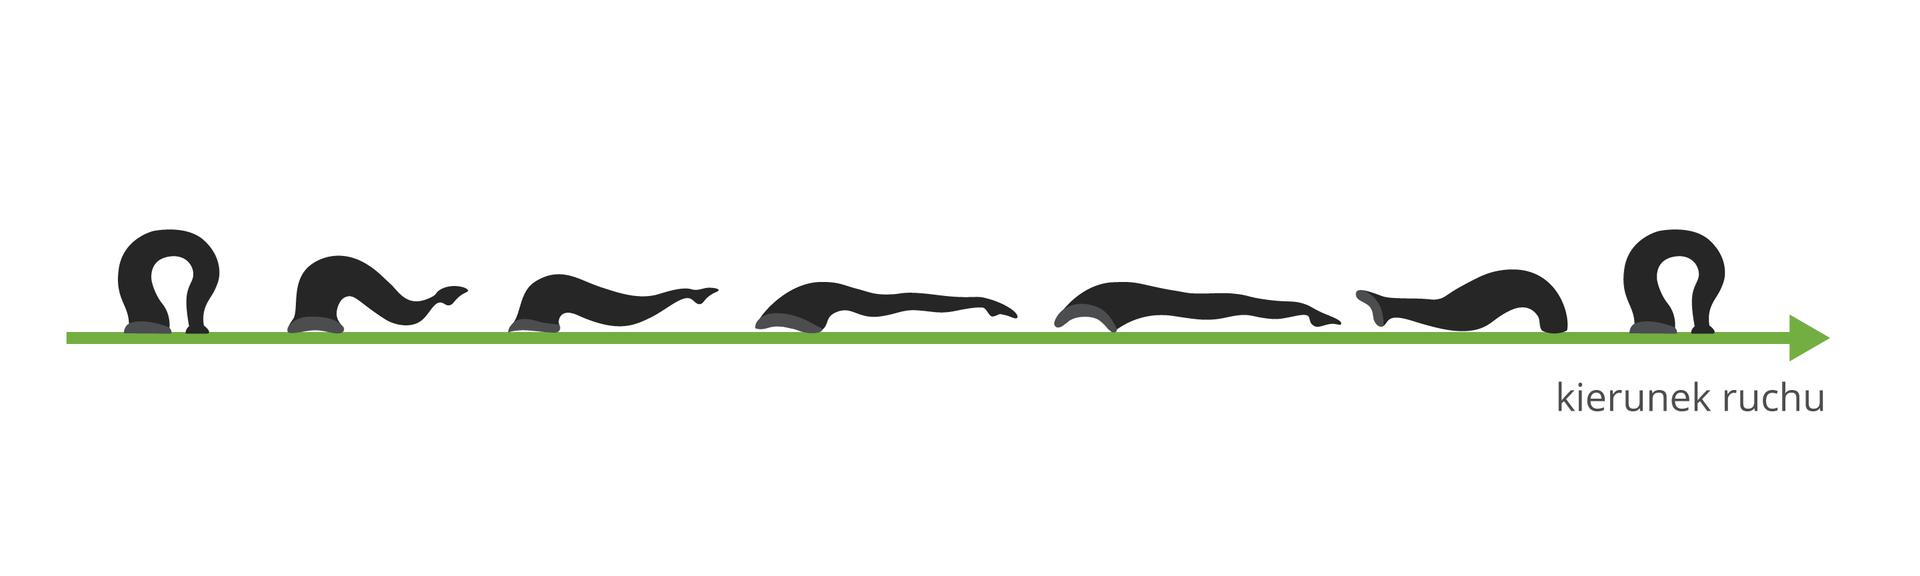 Ilustracja przedstawia czarne sylwetki pijawki na zielonej strzałce, oznaczającej kierunek ruchu. Na początku ina końcu pijawka jest wygięta włuk. Kolejne sylwetki pijawki obrazują kolejne fazy przemieszczania się.